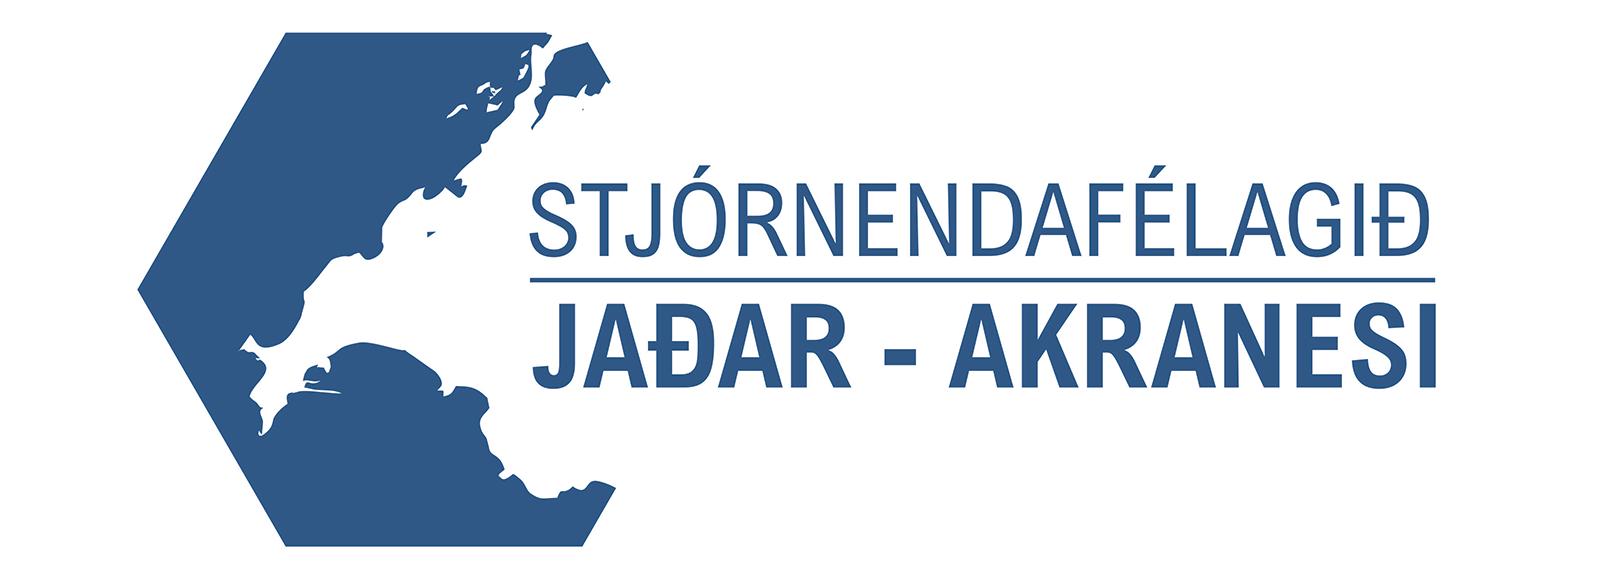 Stjórnendafélagið Jaðar